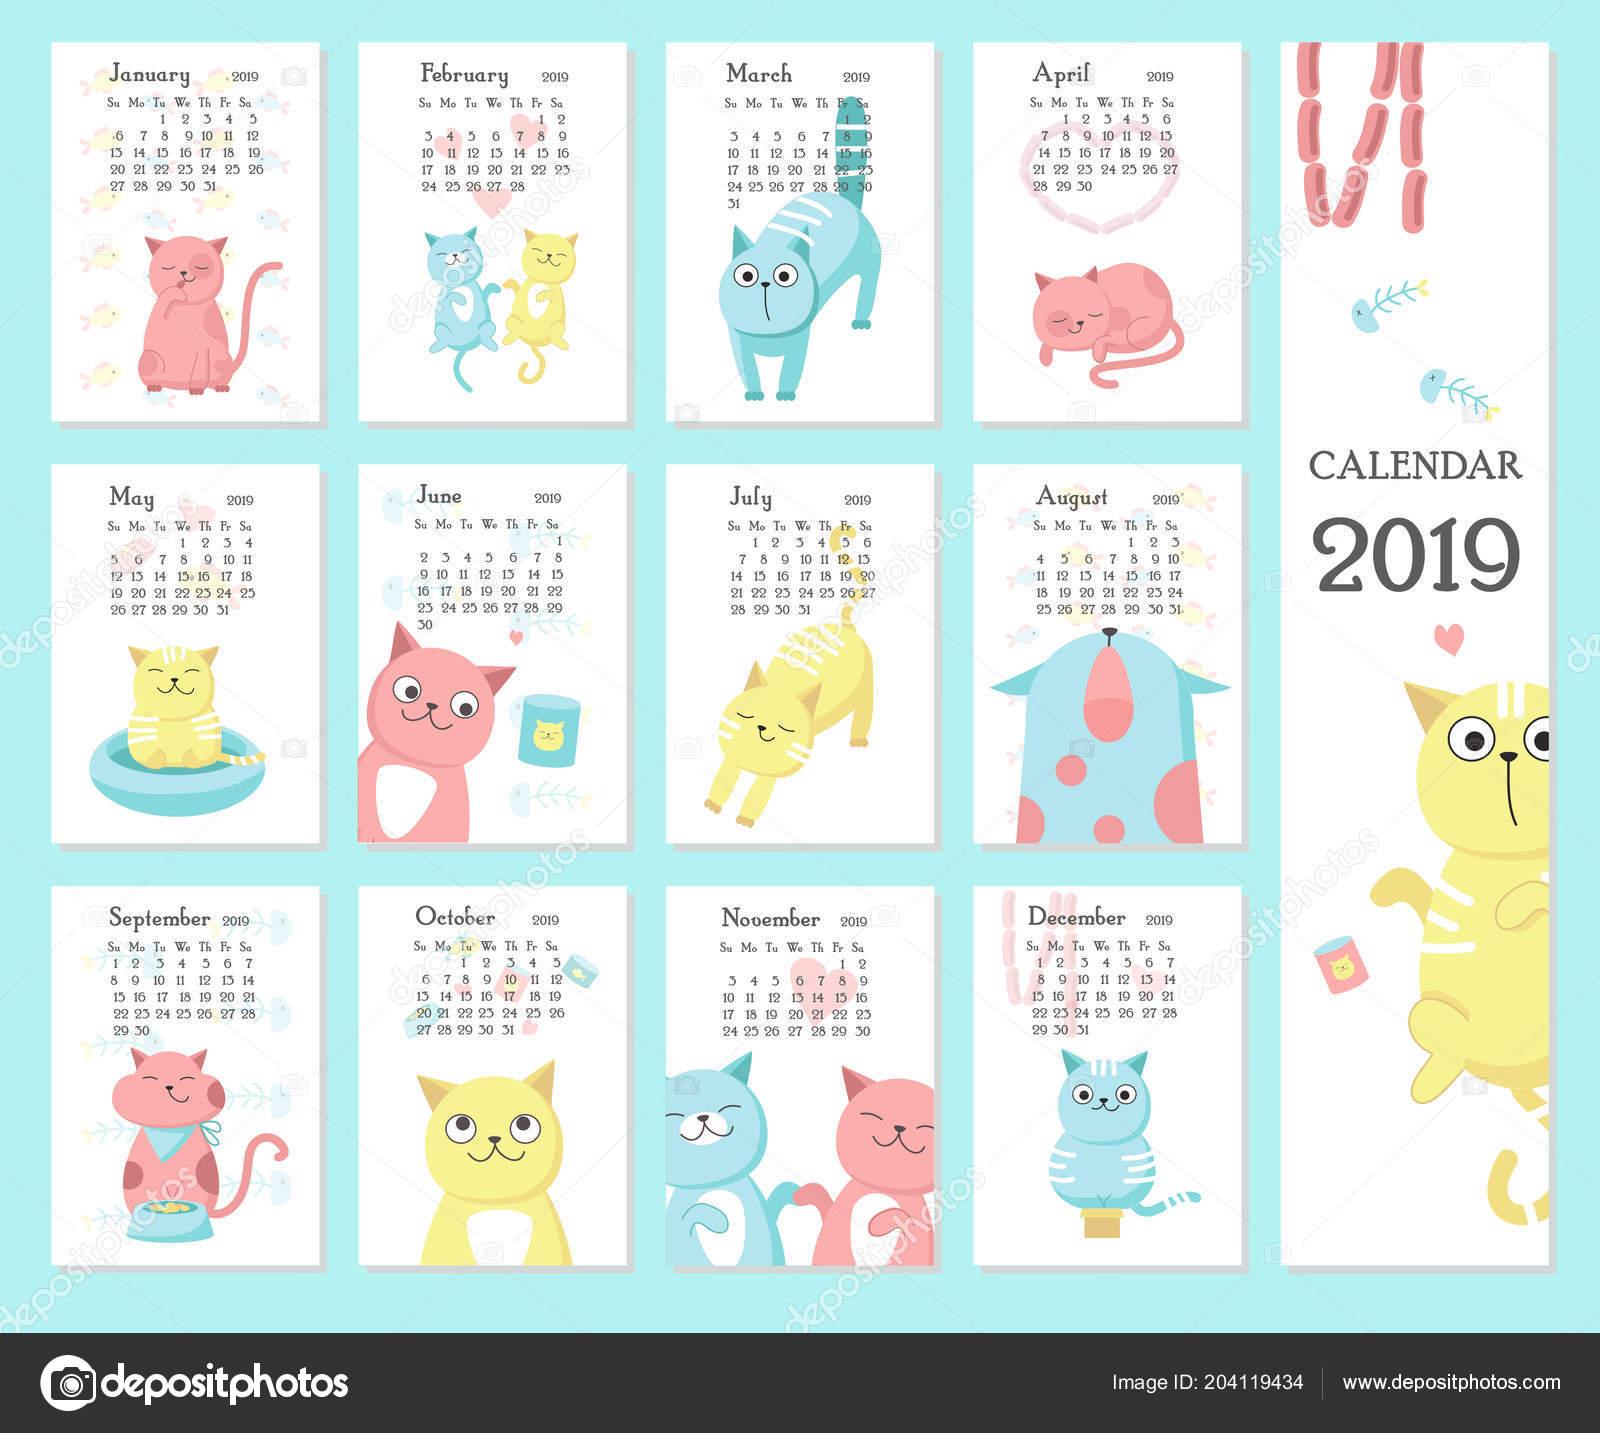 Calendario 2020 Chile Vector.Calendar 2019 Vector Template With Cute Cats Stock Vector